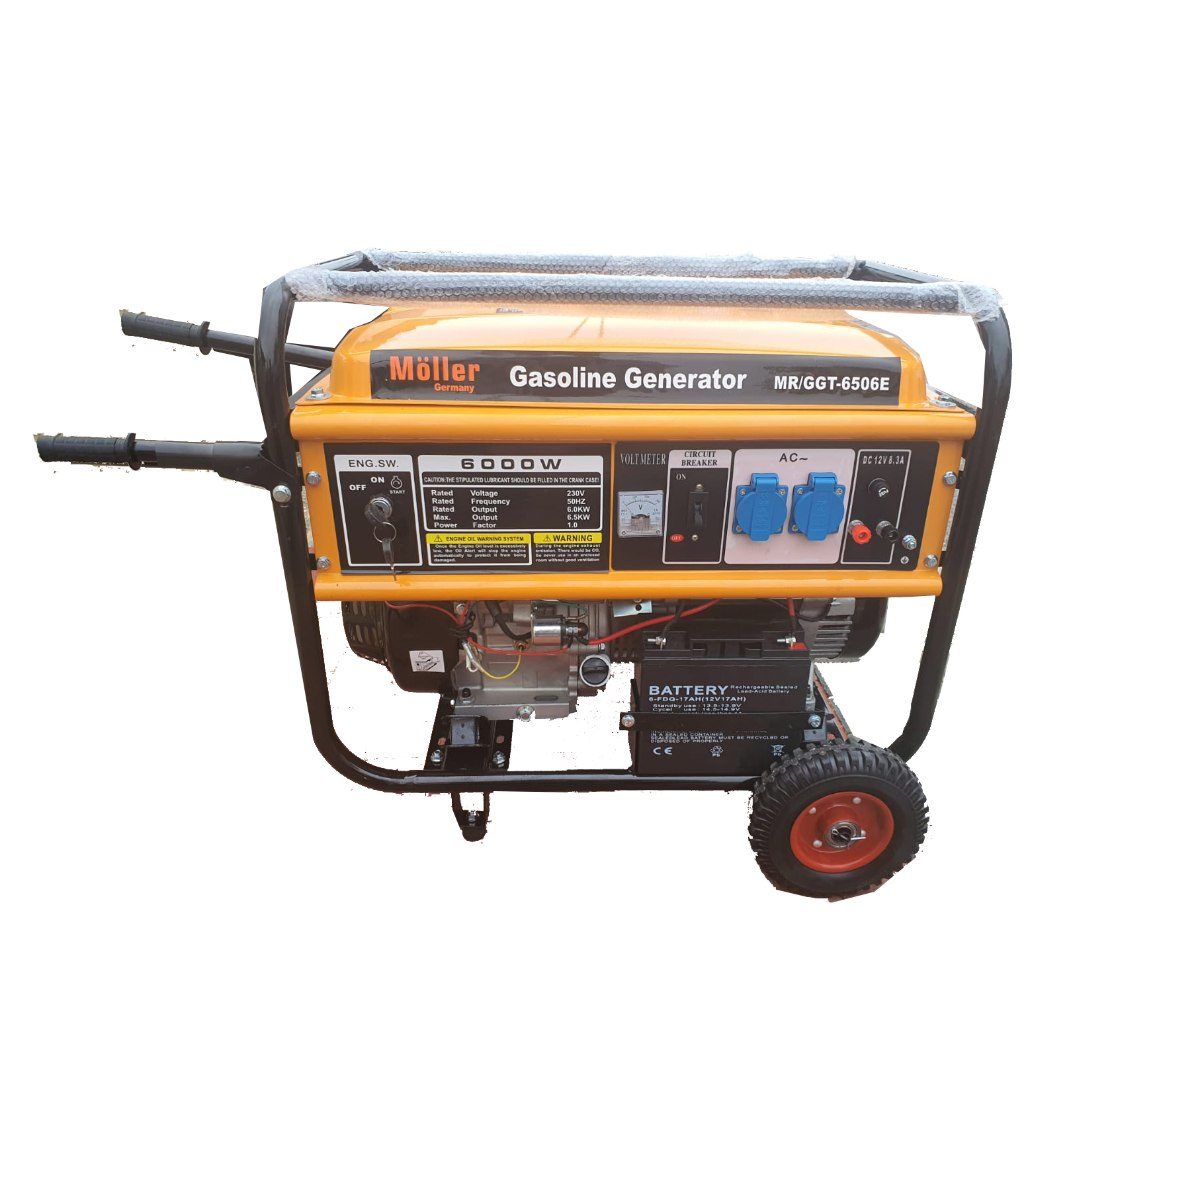 גנרטור מנוע בנזין  6500W התנעה חשמלית חד-פאזי